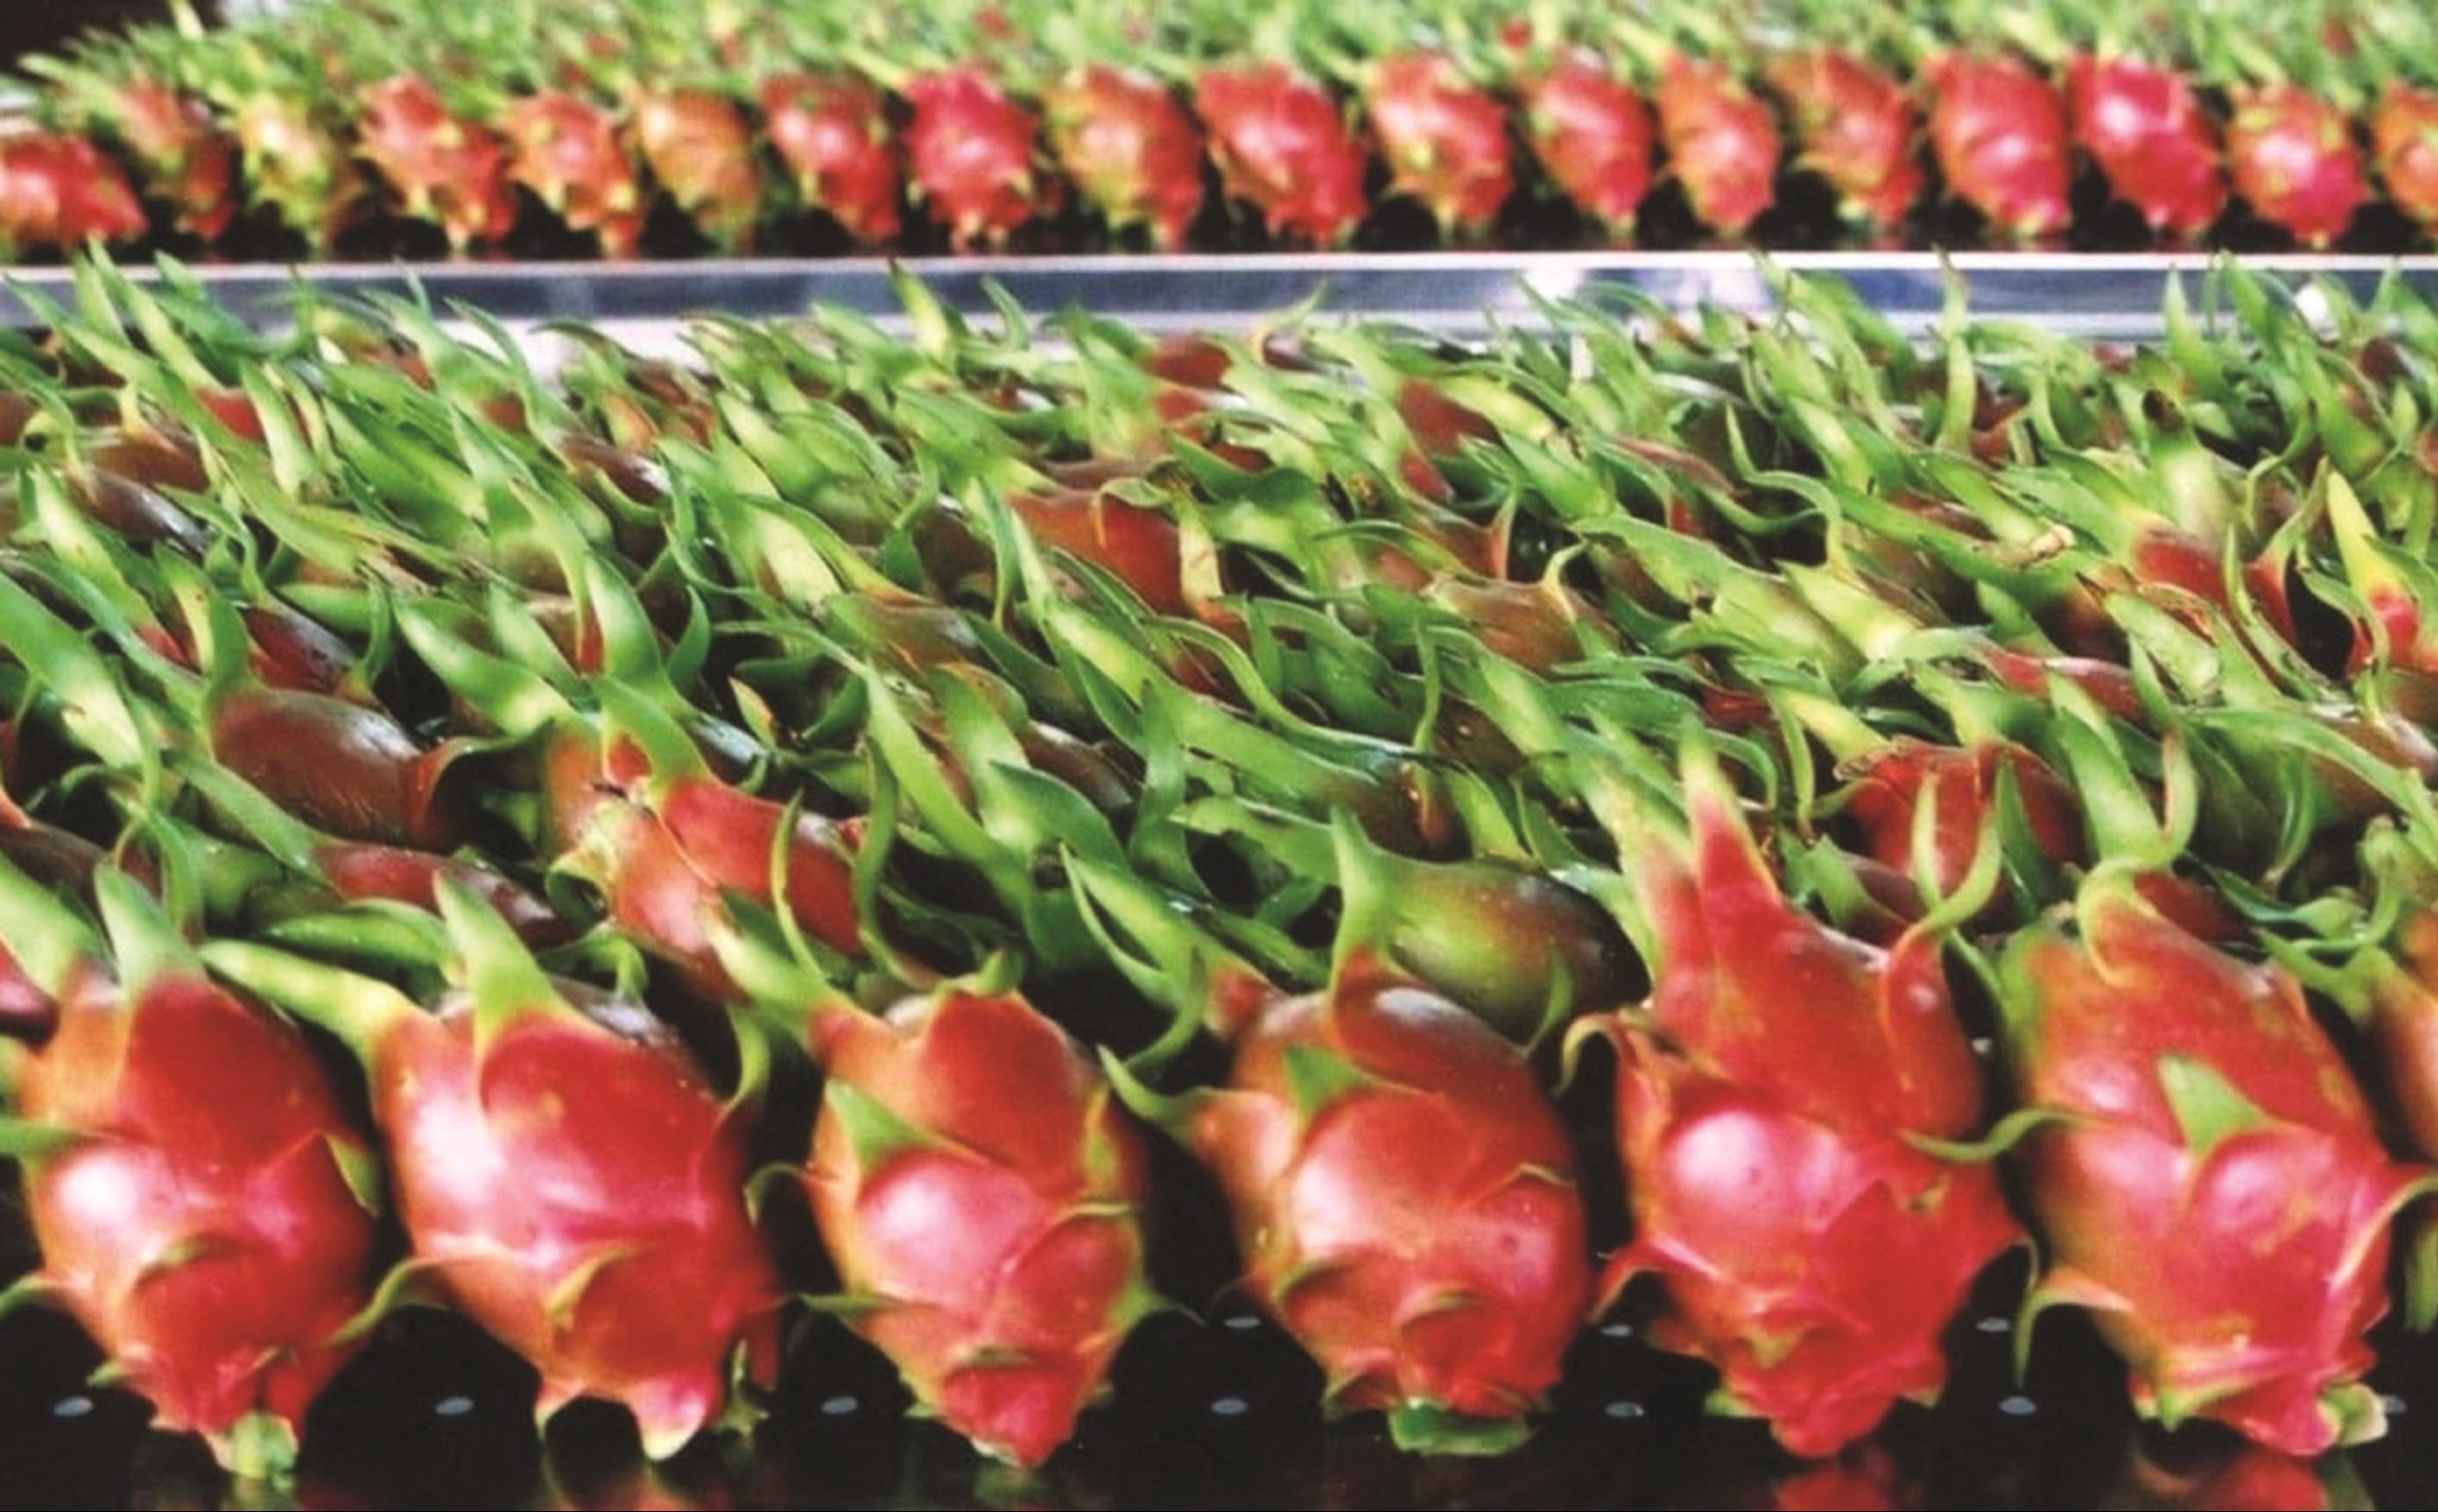 Nhiều mặt hàng nông sản vùng DTTS và miền núi góp phần không nhỏ vào thành quả xuất khẩu nông sản.